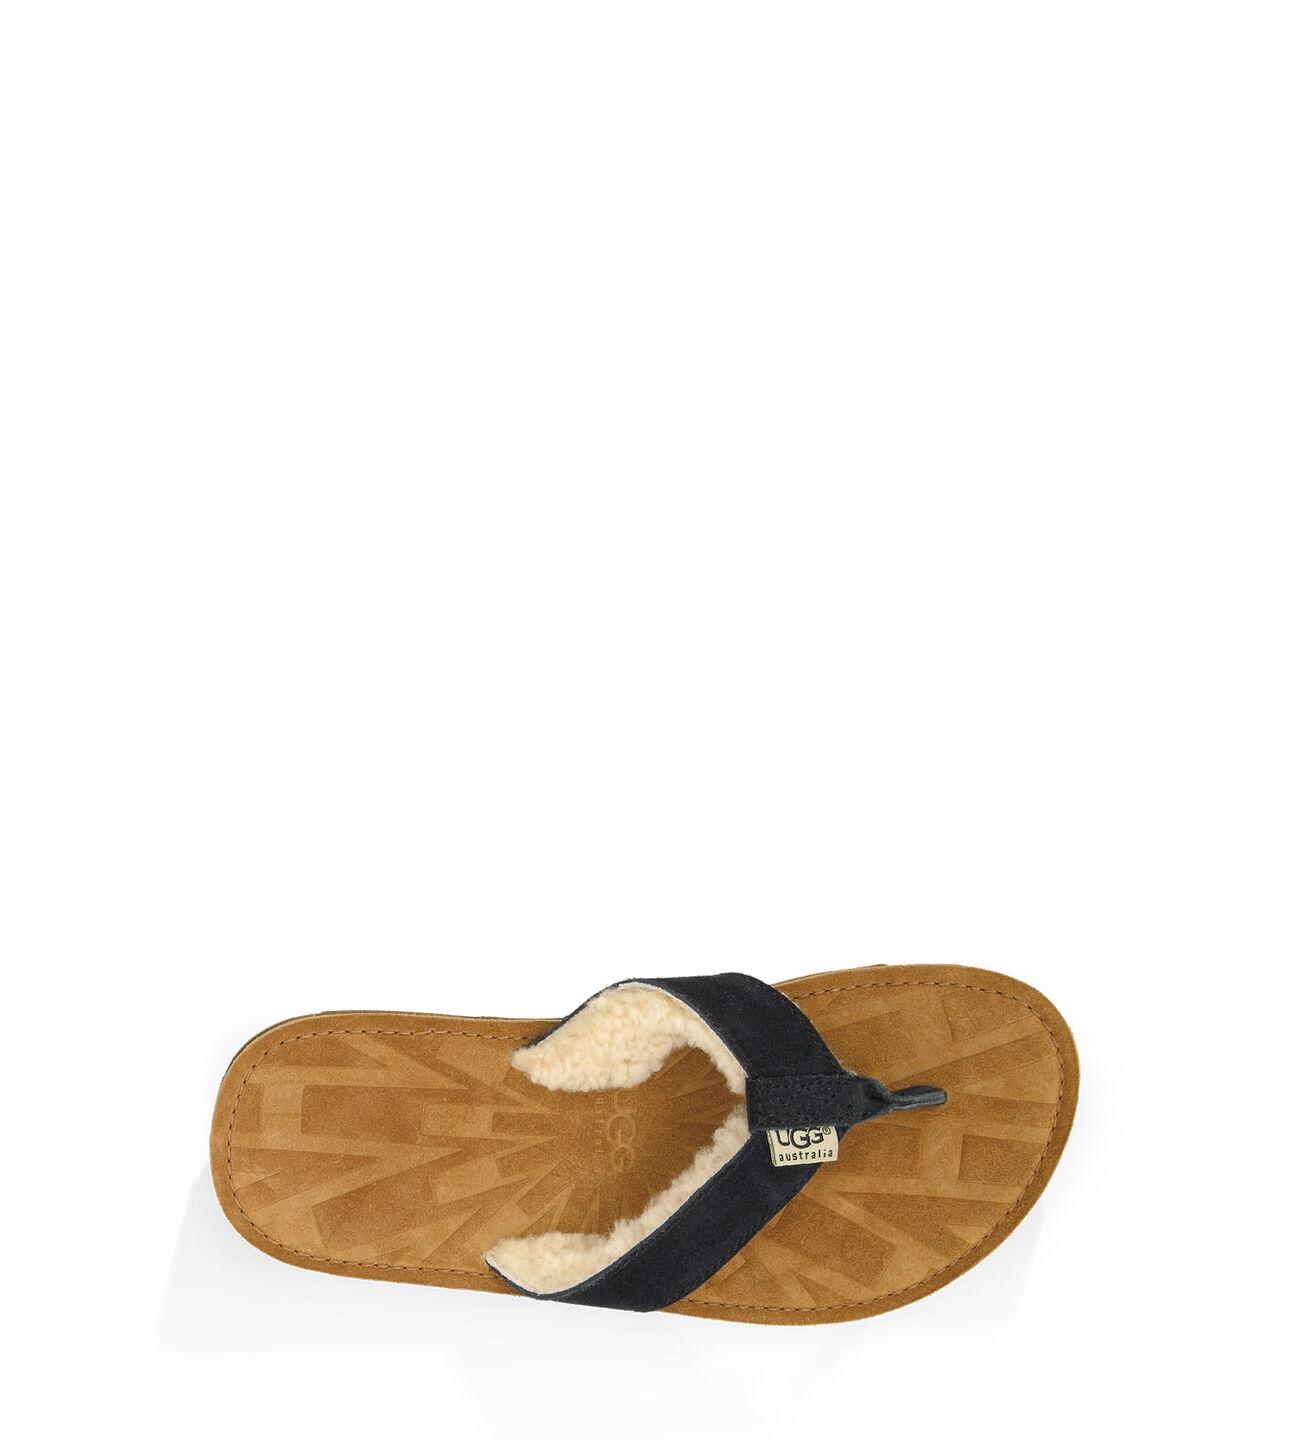 ugg womens tasmina flip flops. Black Bedroom Furniture Sets. Home Design Ideas